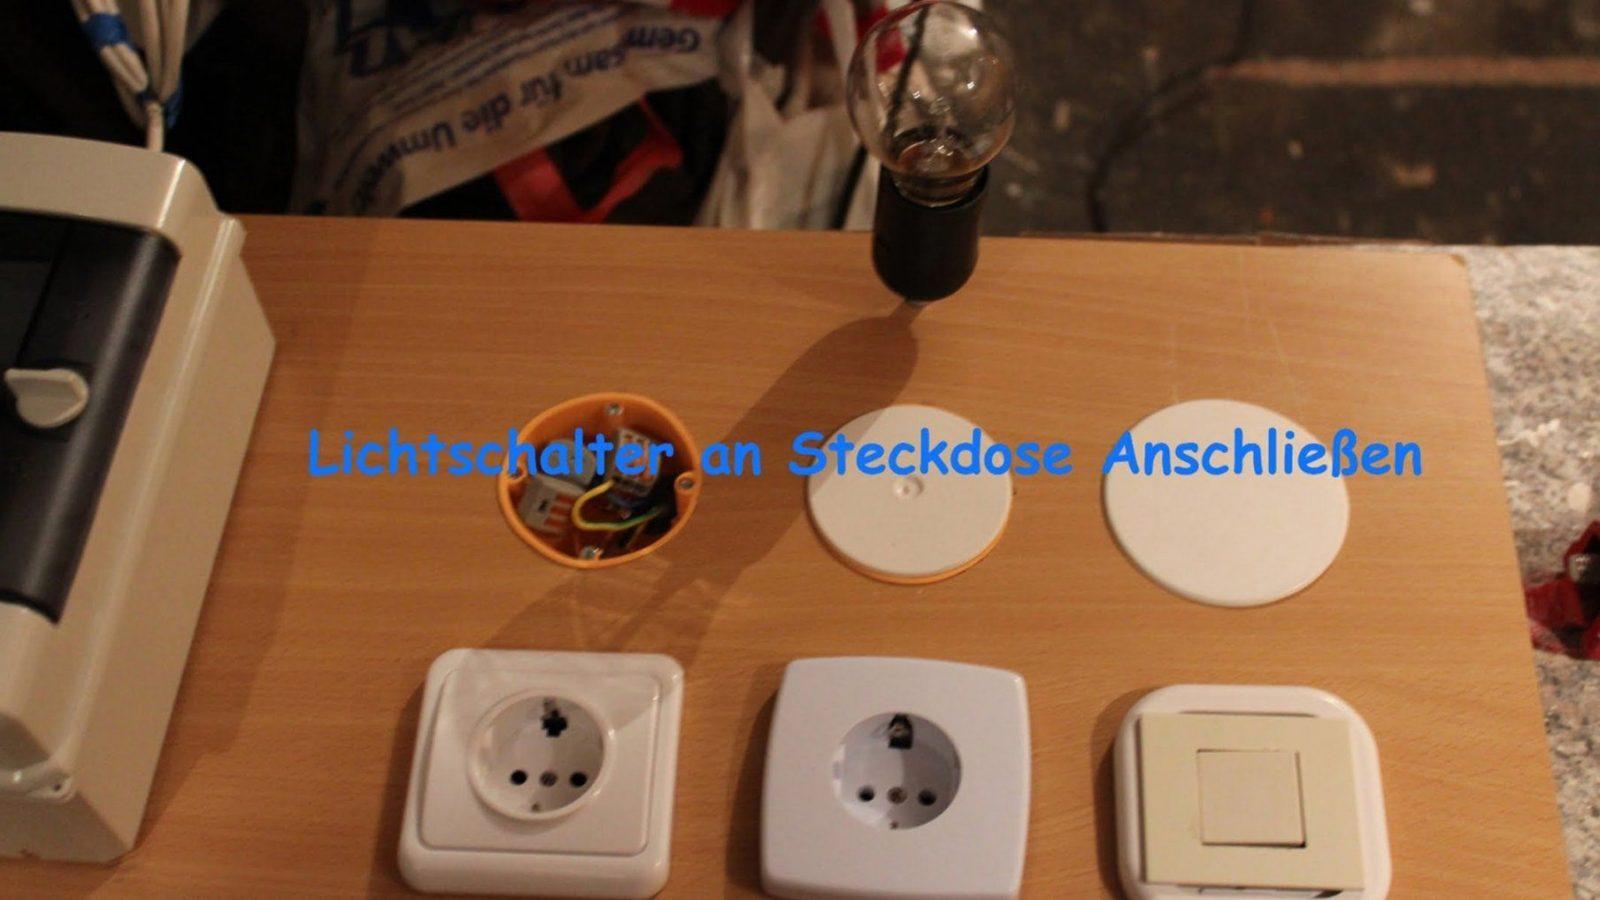 Lichtschalter An Steckdose Anschließen  Youtube von Steckdose An Lichtschalter Anklemmen Photo